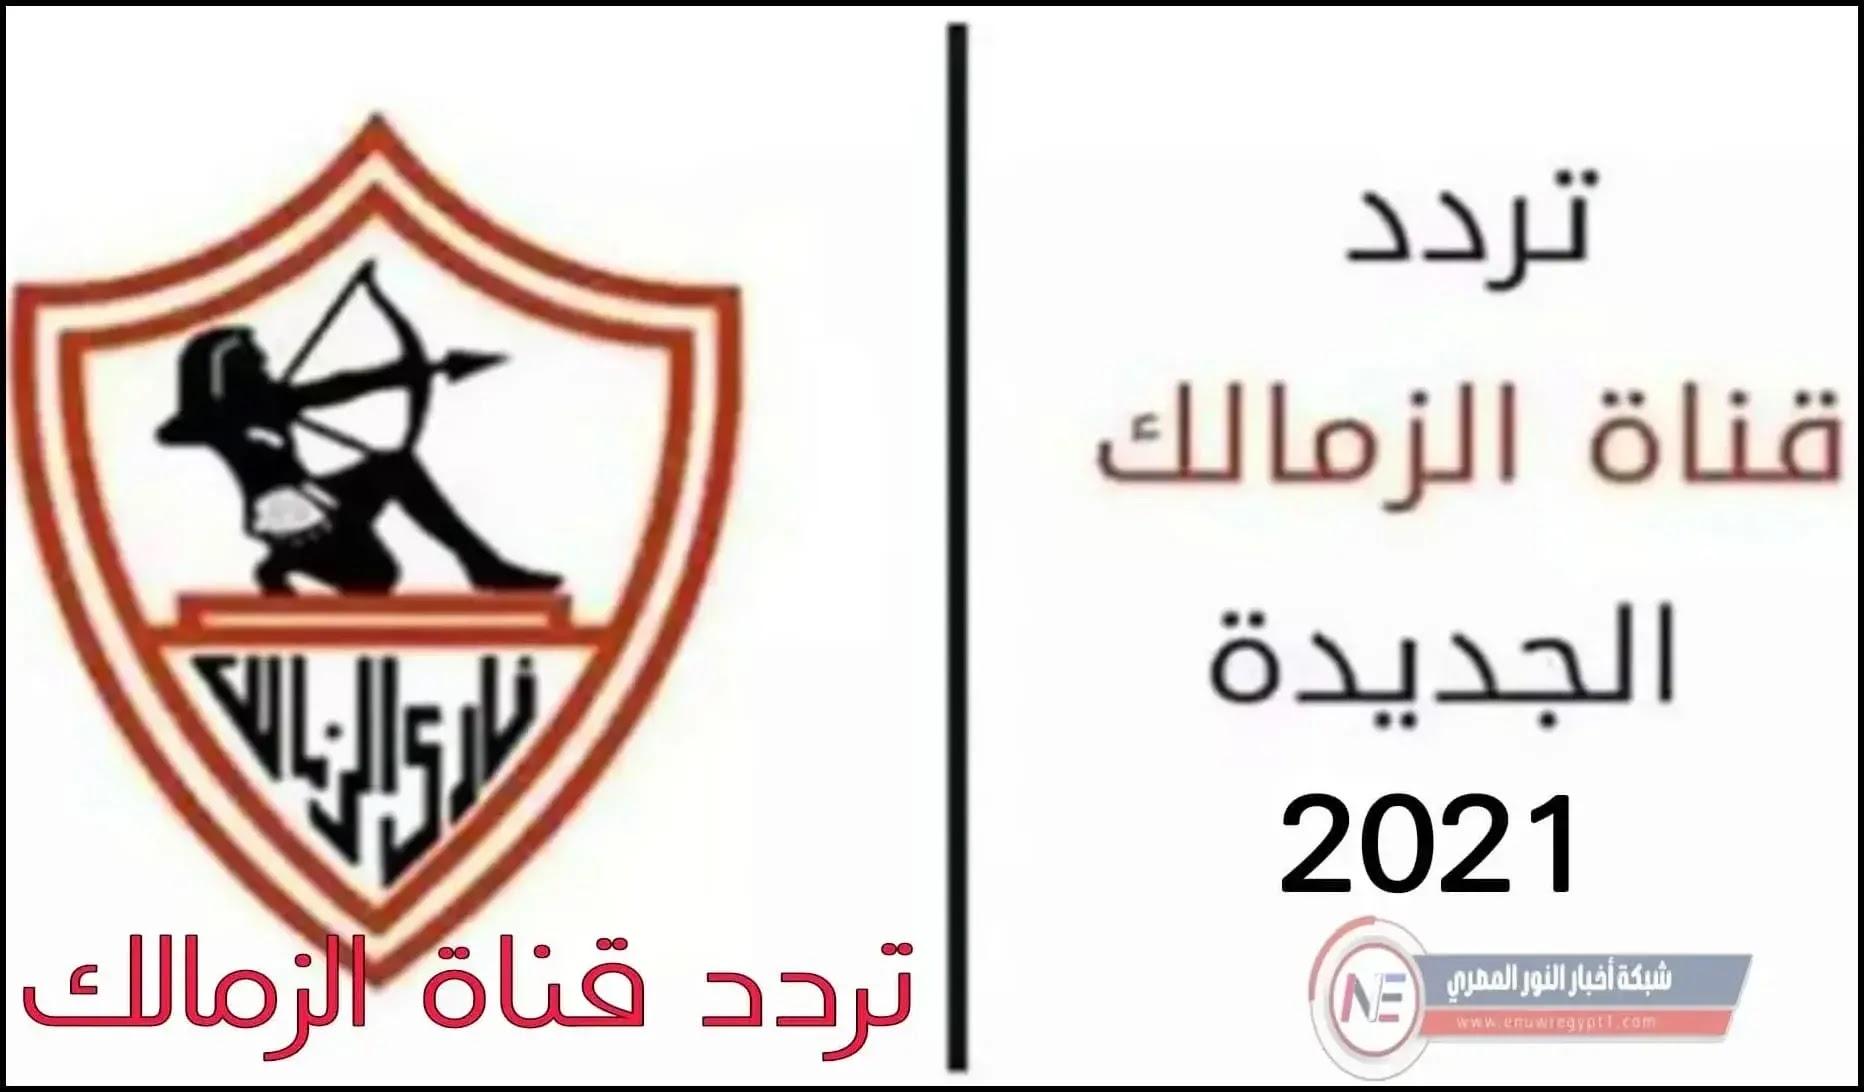 تردد قناة الزمالك Zamalek TV الجديد 2021 علي نايل سات استقبله علي جهازك الرسيفر